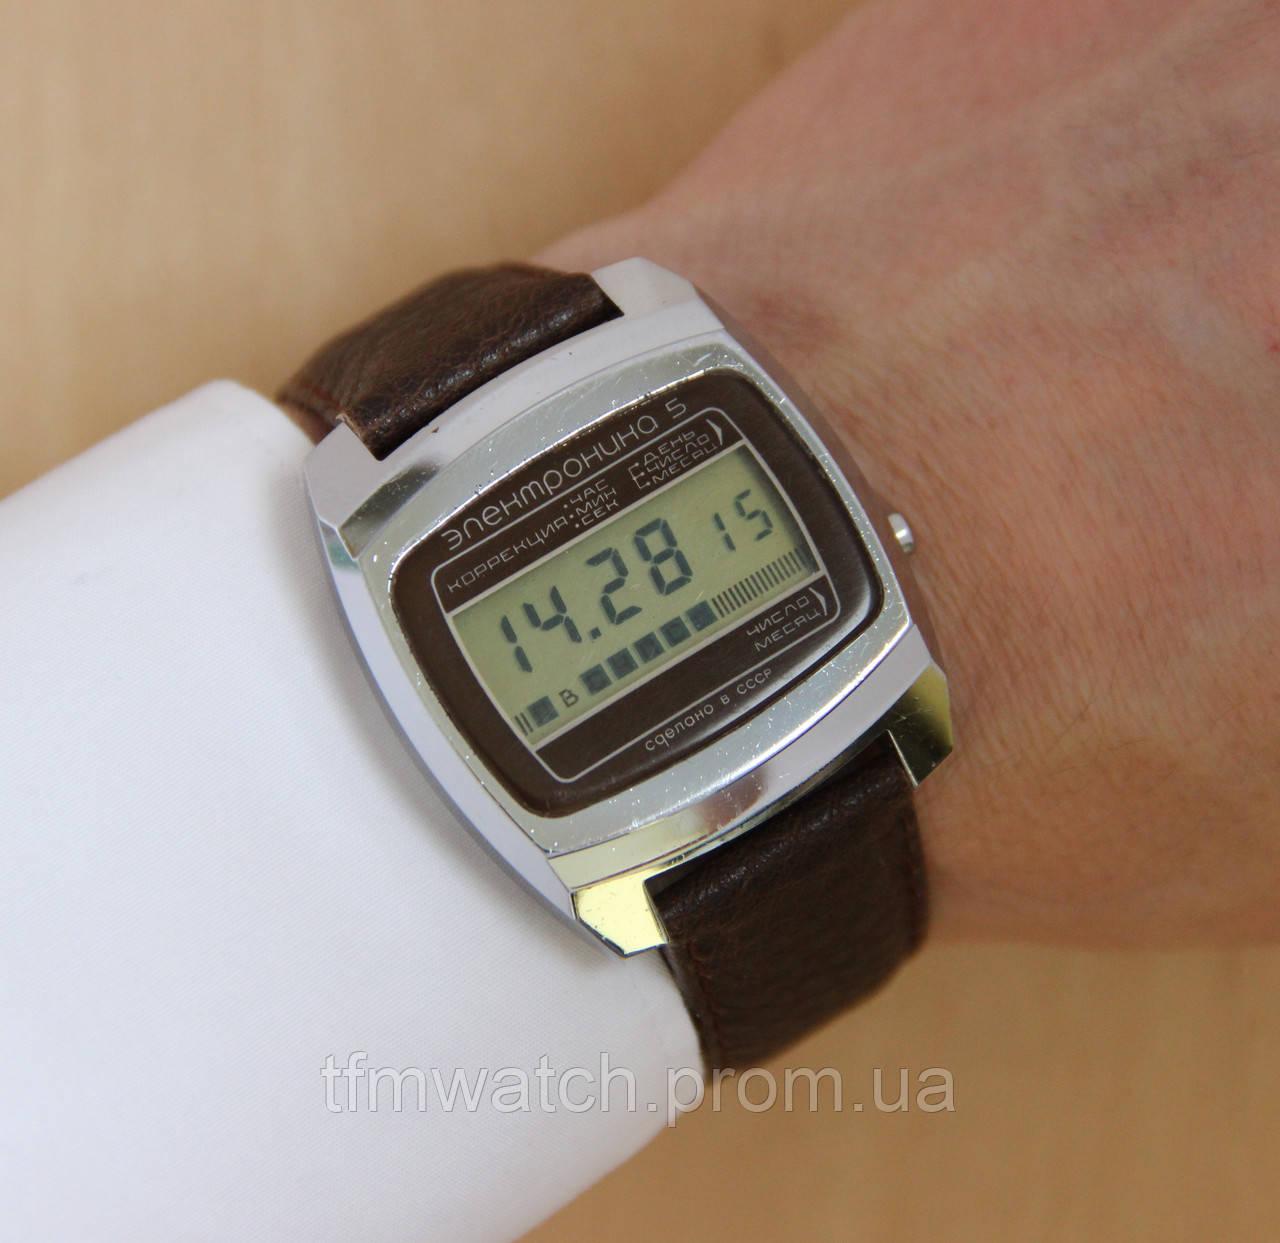 b420a104 Электроника 5 наручные электронные часы СССР в: продажа, цена в ...